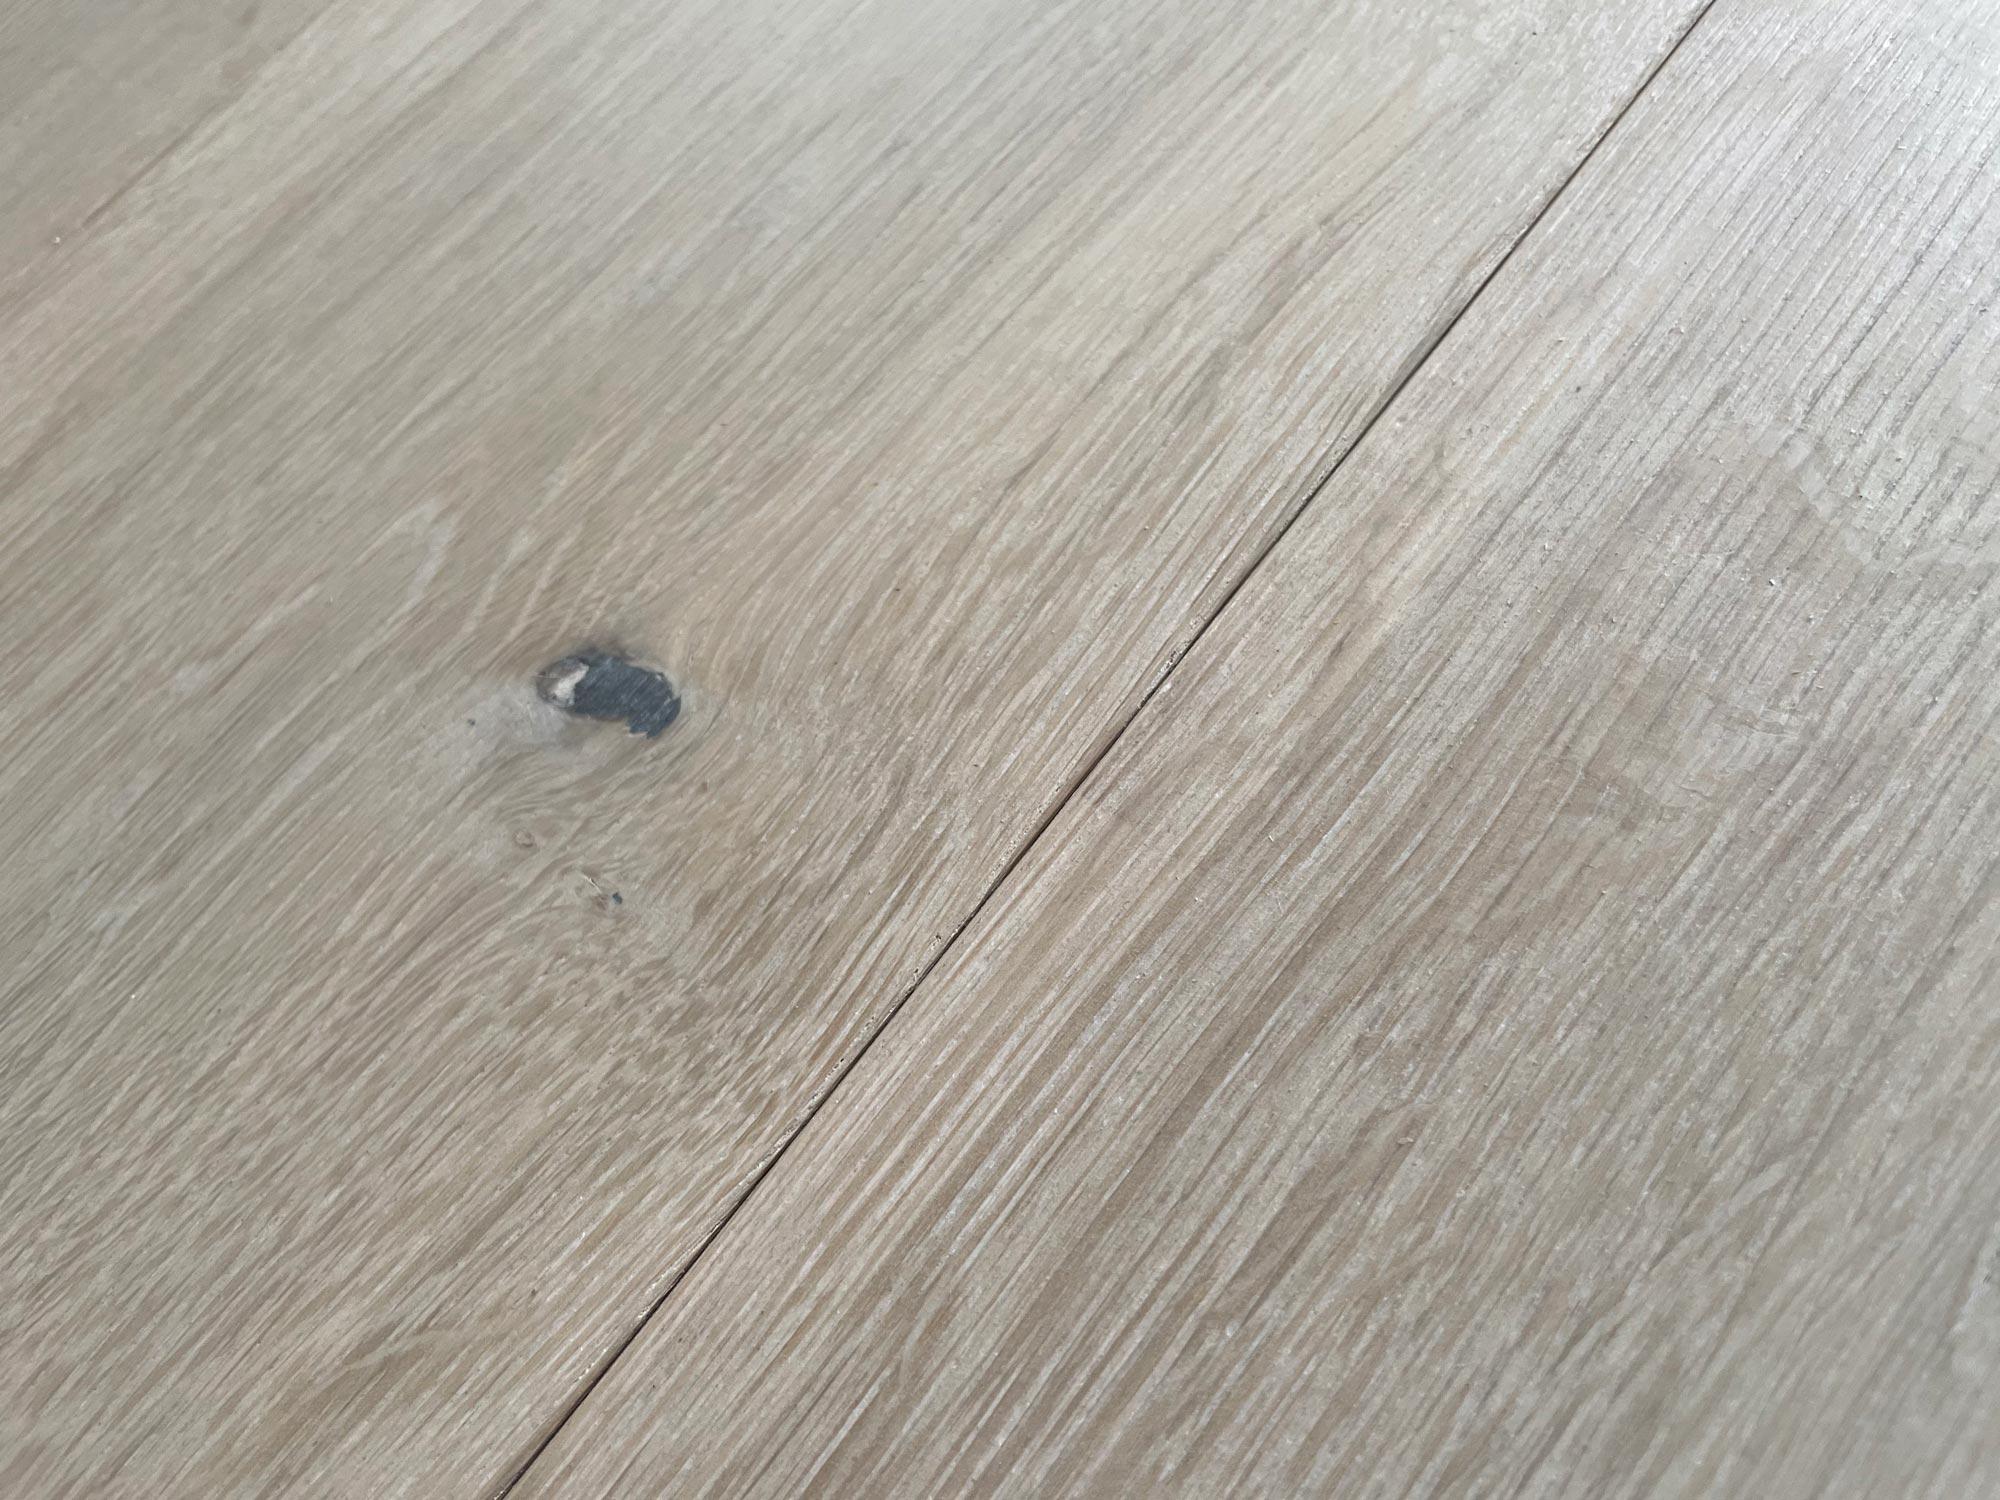 Washed oak floor boards